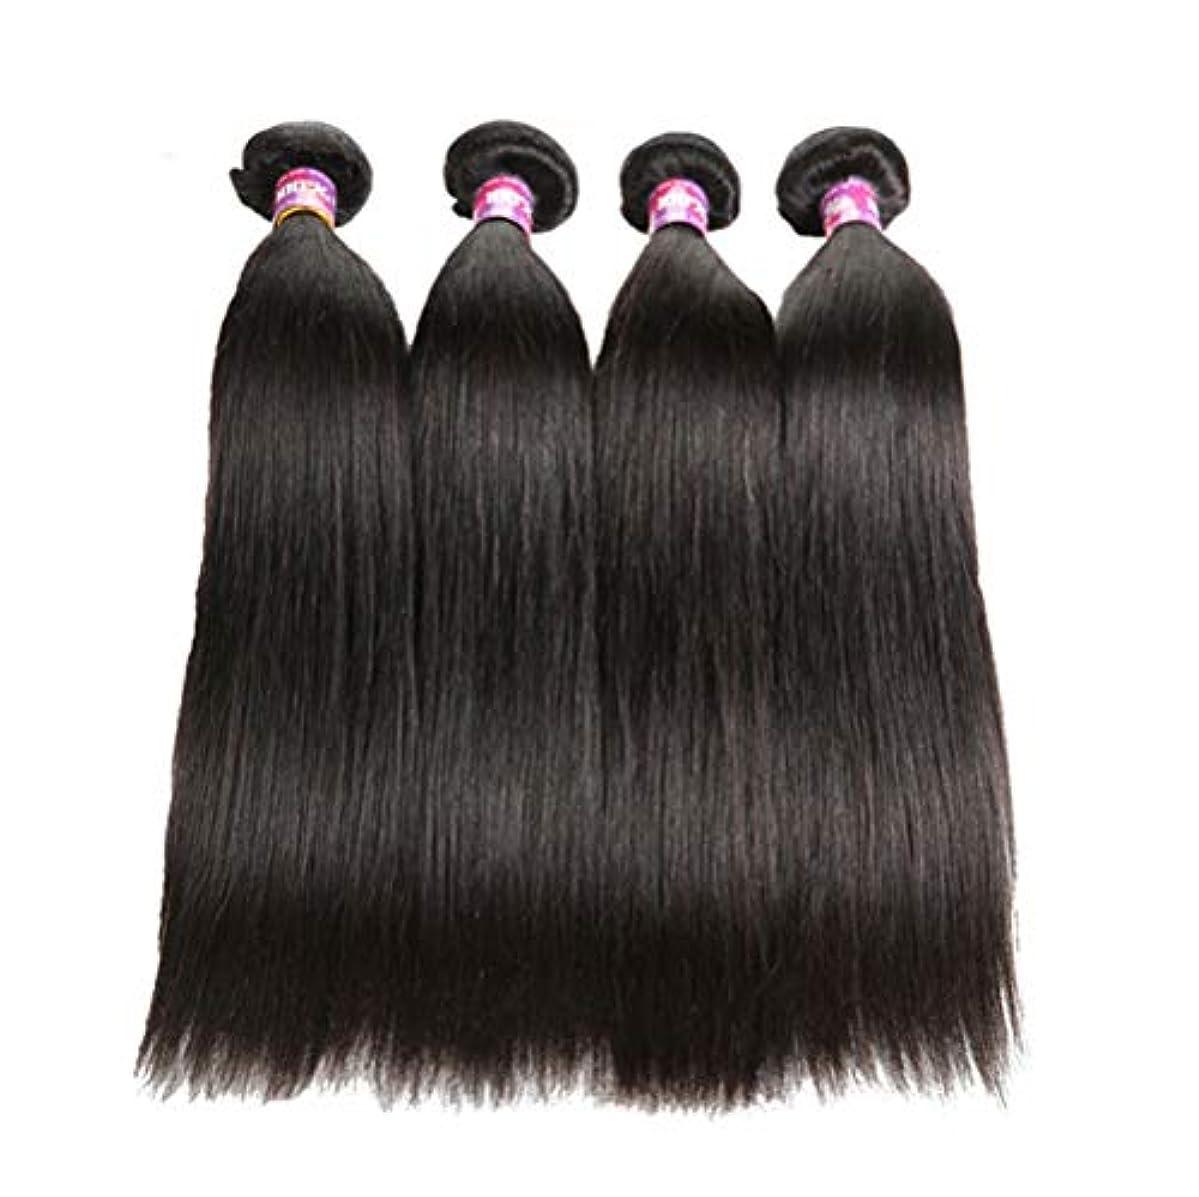 昨日突然サワー女性ストレート人間の髪の毛8Aバージンブラジルの髪の毛ストレートバンドル絹のような柔らかいブラジルの髪のバンドル